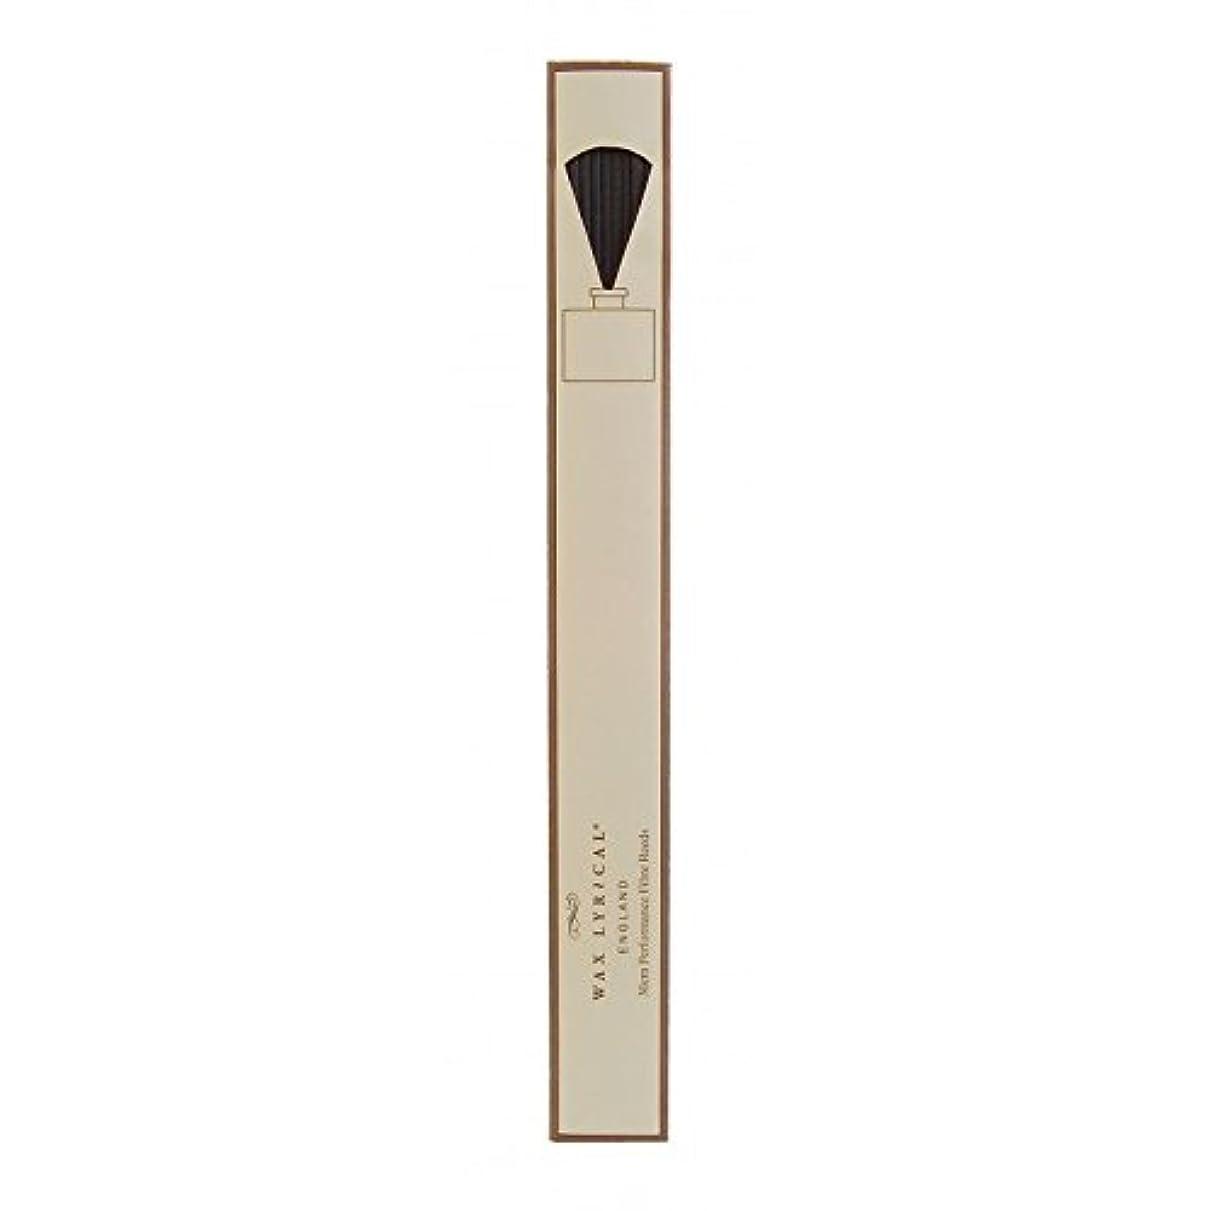 ファイバーリードスティック30cm/ブラック ディスプレイ箱付